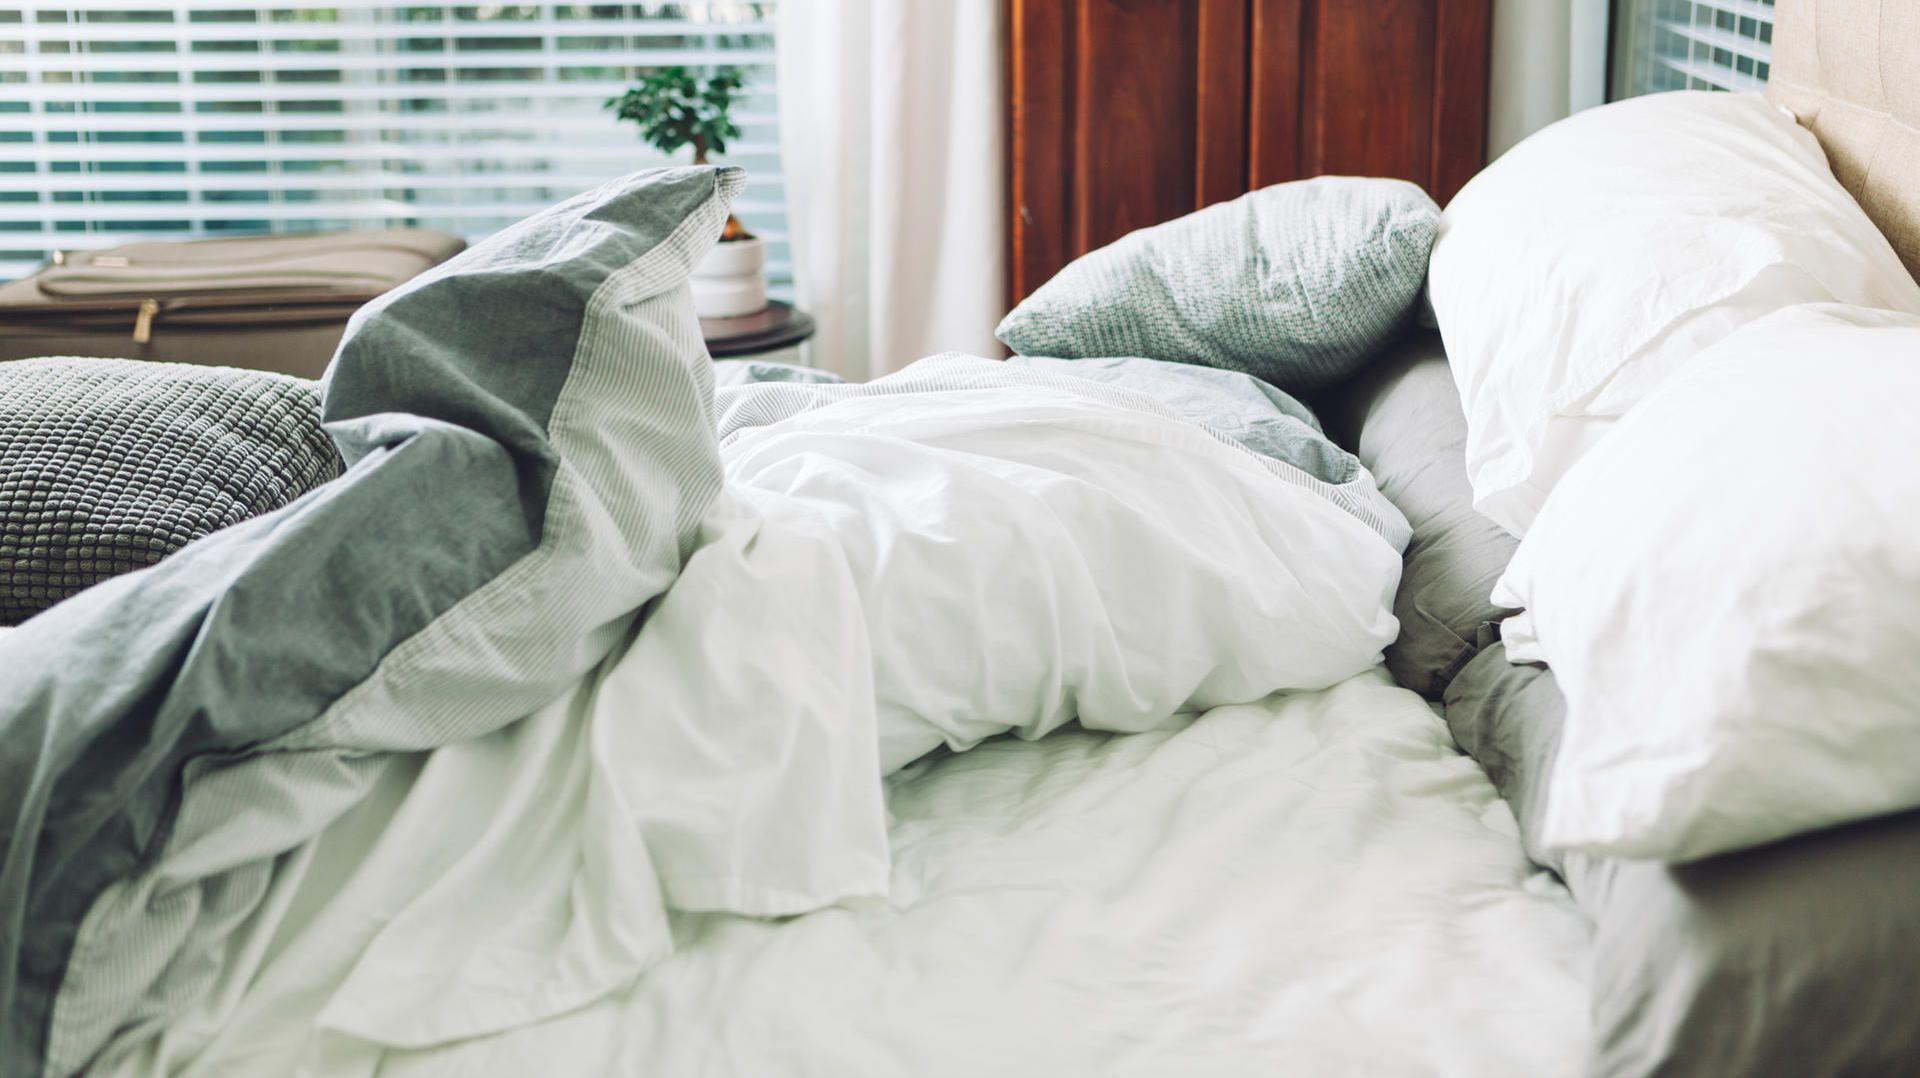 Warum Sie Ihr Bett Besser Nicht Machen Sollten Bett Ideen Matratze Und Bett Modern